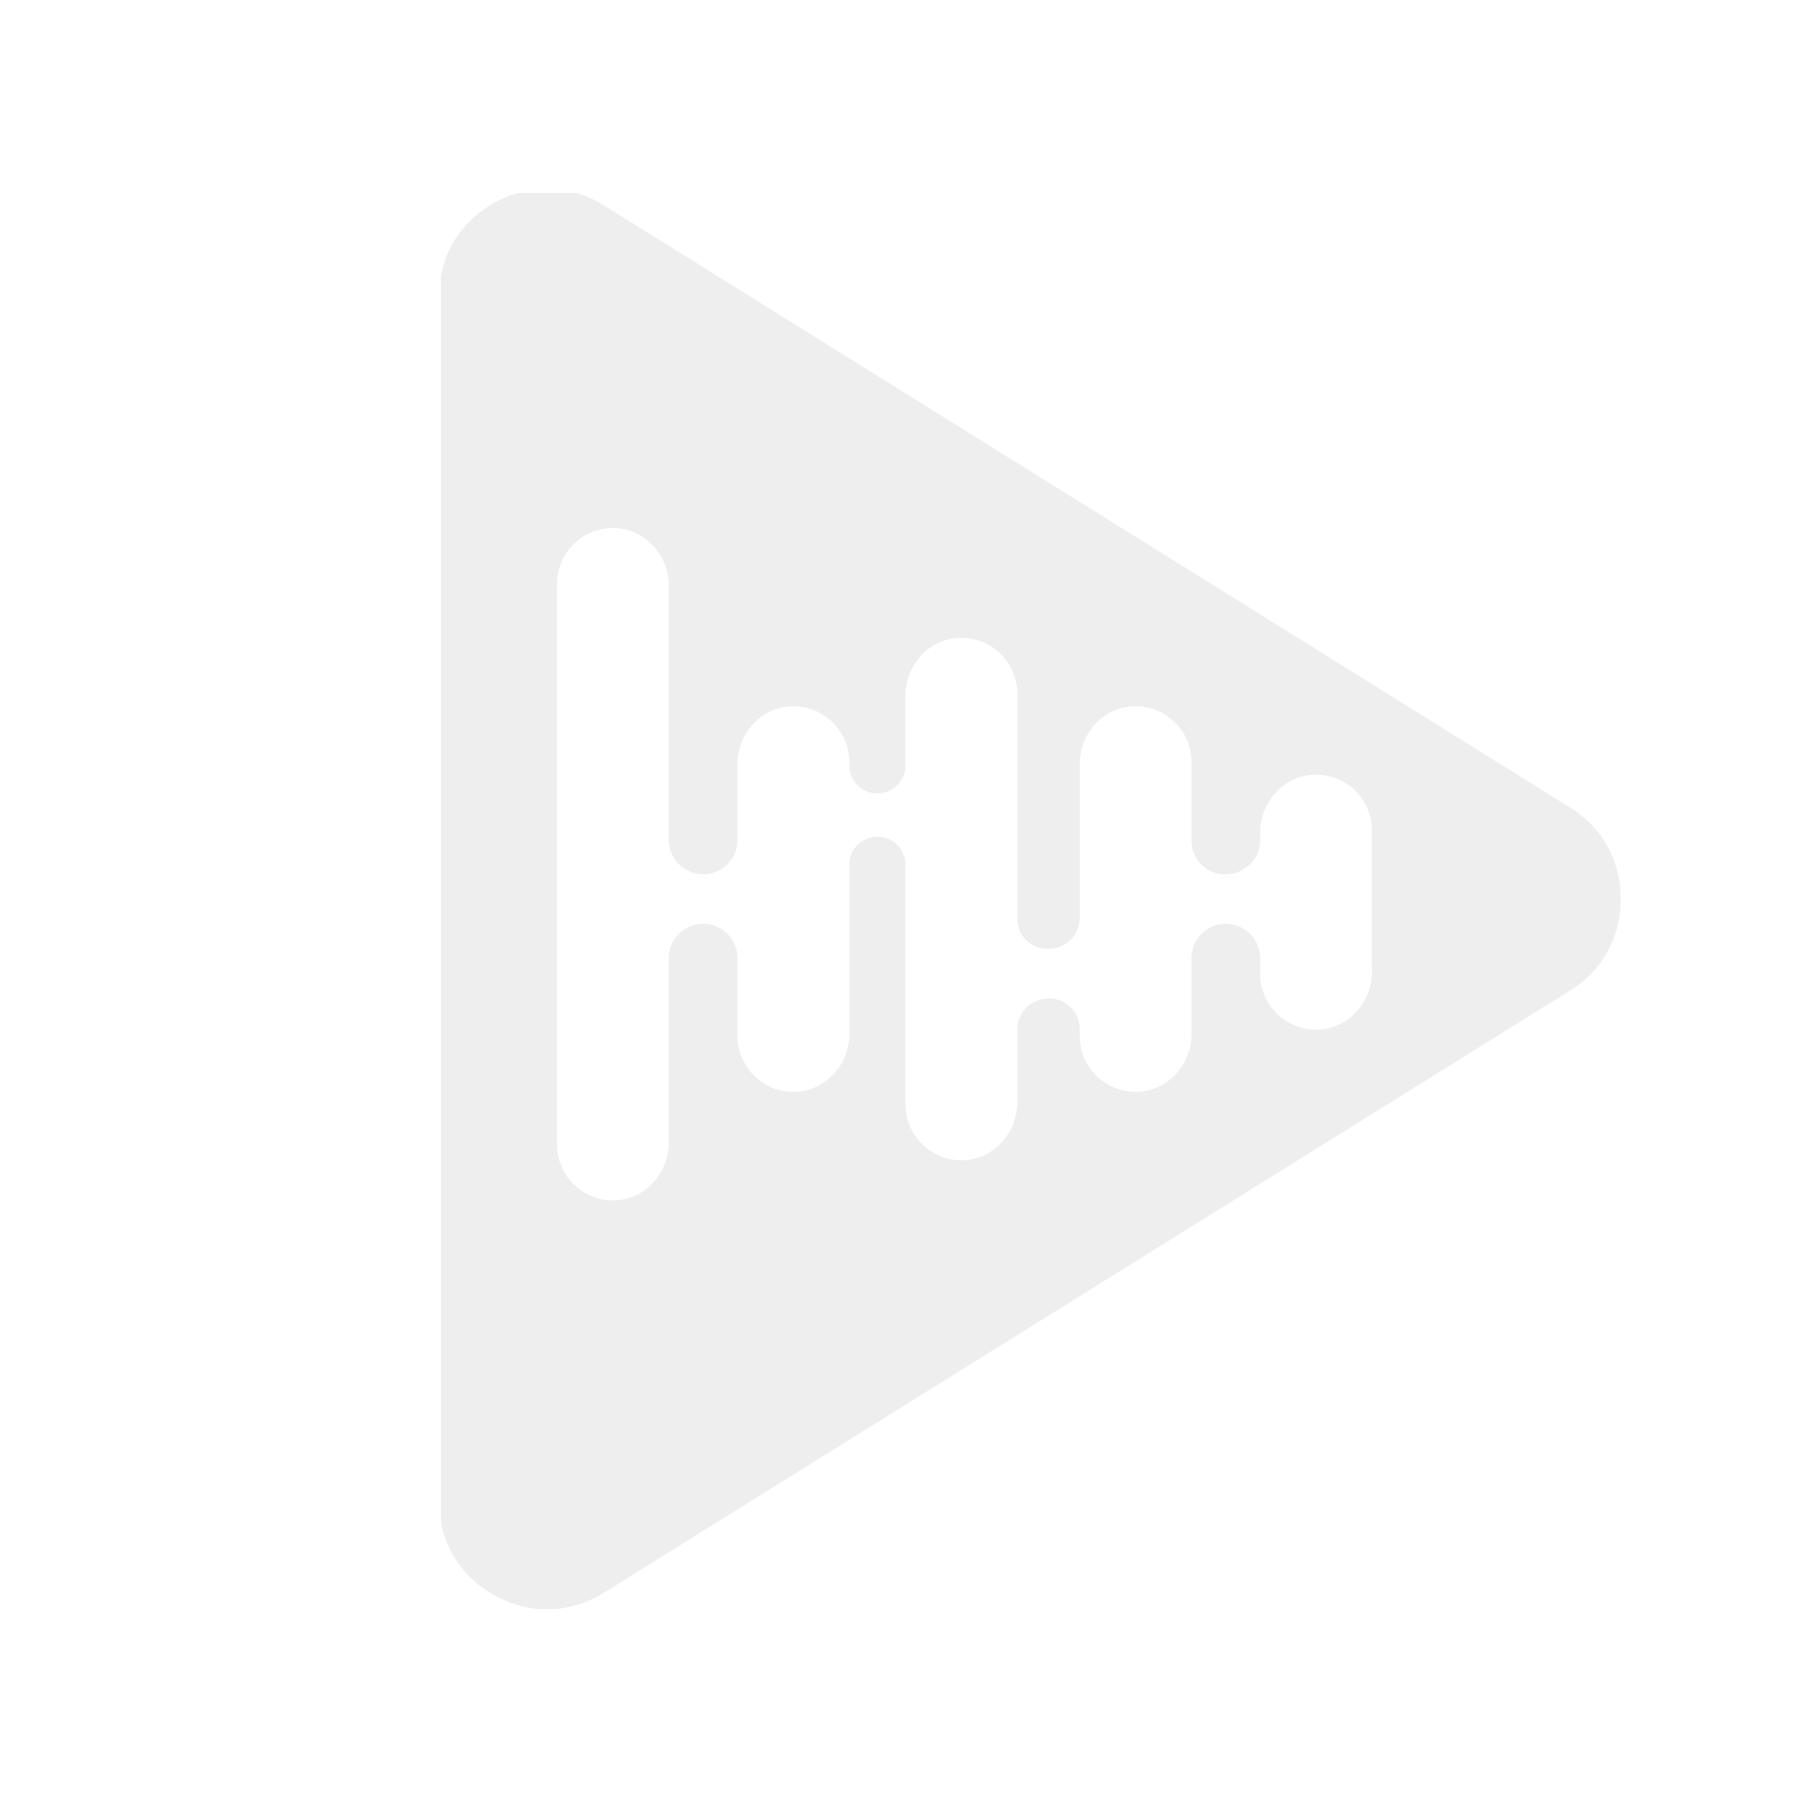 Skai F6461587-1